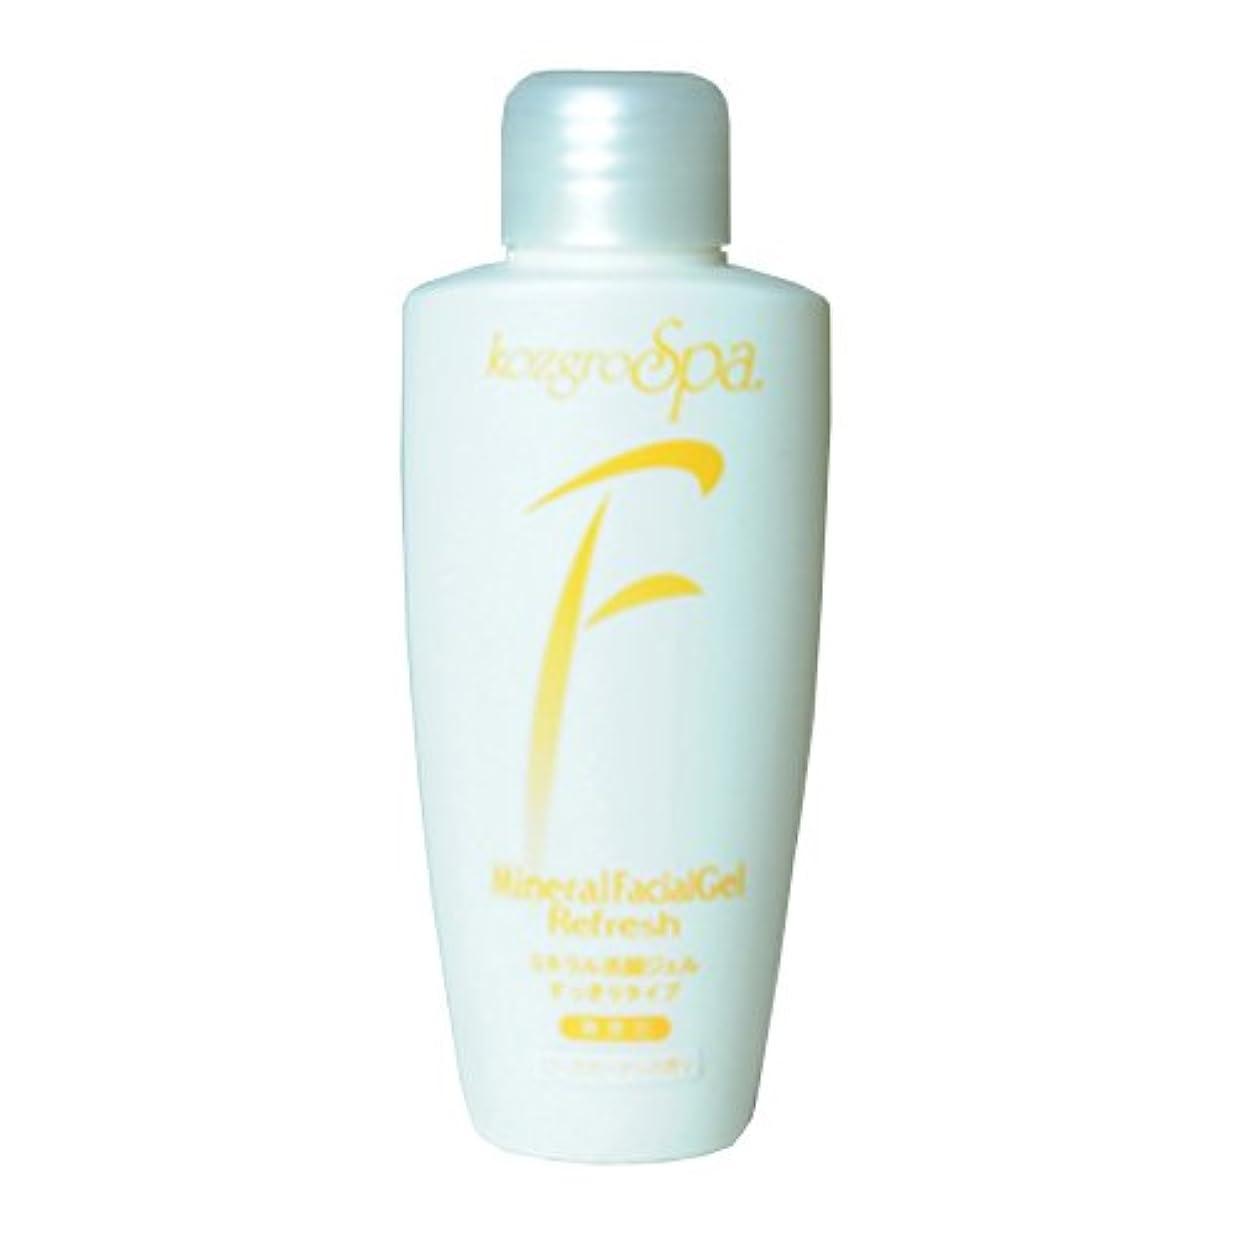 よろめく誇張する簡単な洗顔料 無添加 コズグロスパ ミネラル洗顔ジェル リフレッシュ すっきり 50ml